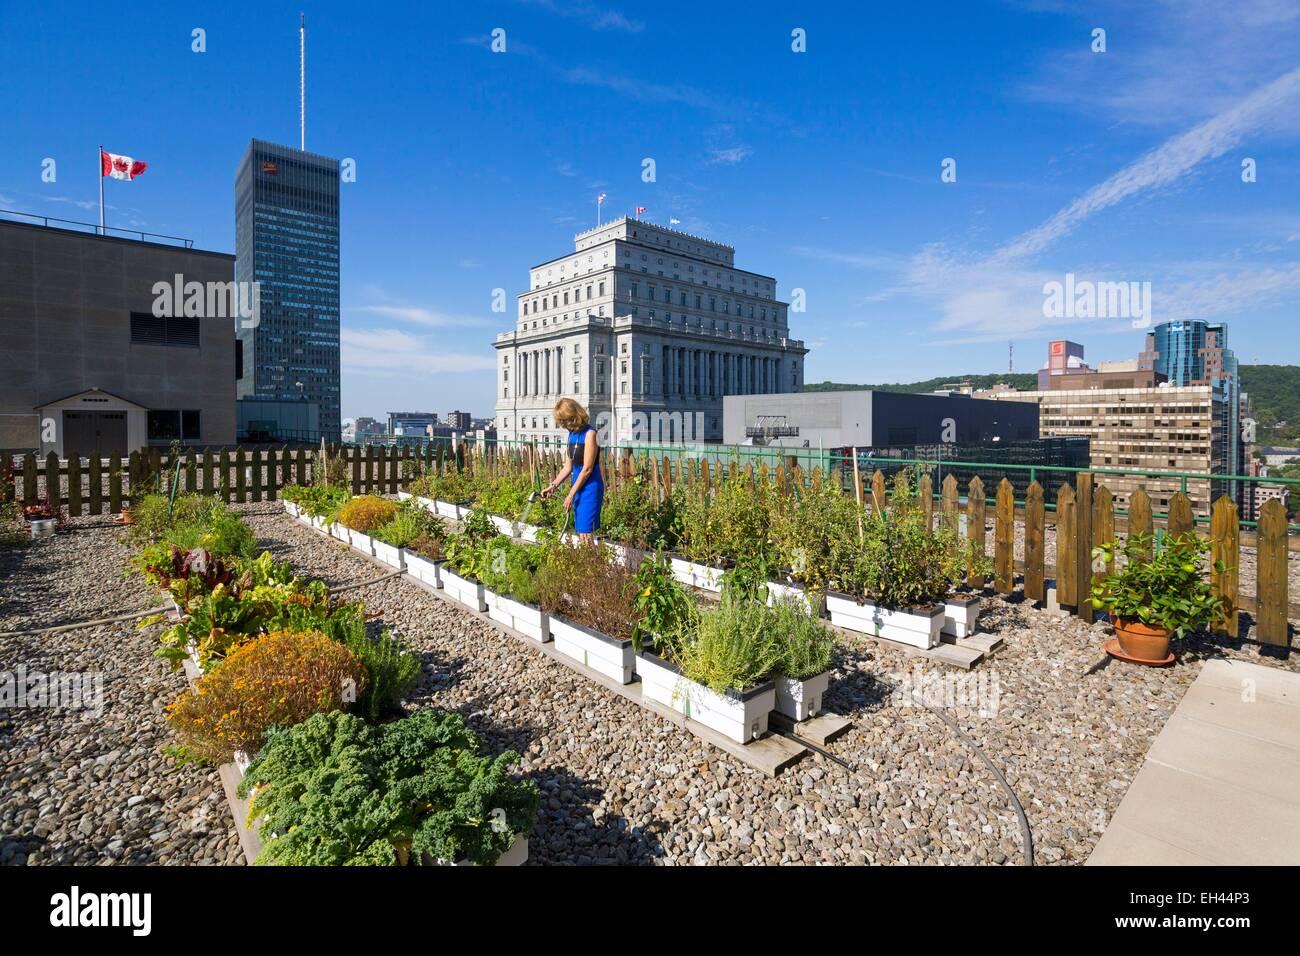 Canada, Provincia di Quebec, Montreal, Queen Elizabeth Hotel, il tetto verde e il suo giardino vegetale Immagini Stock